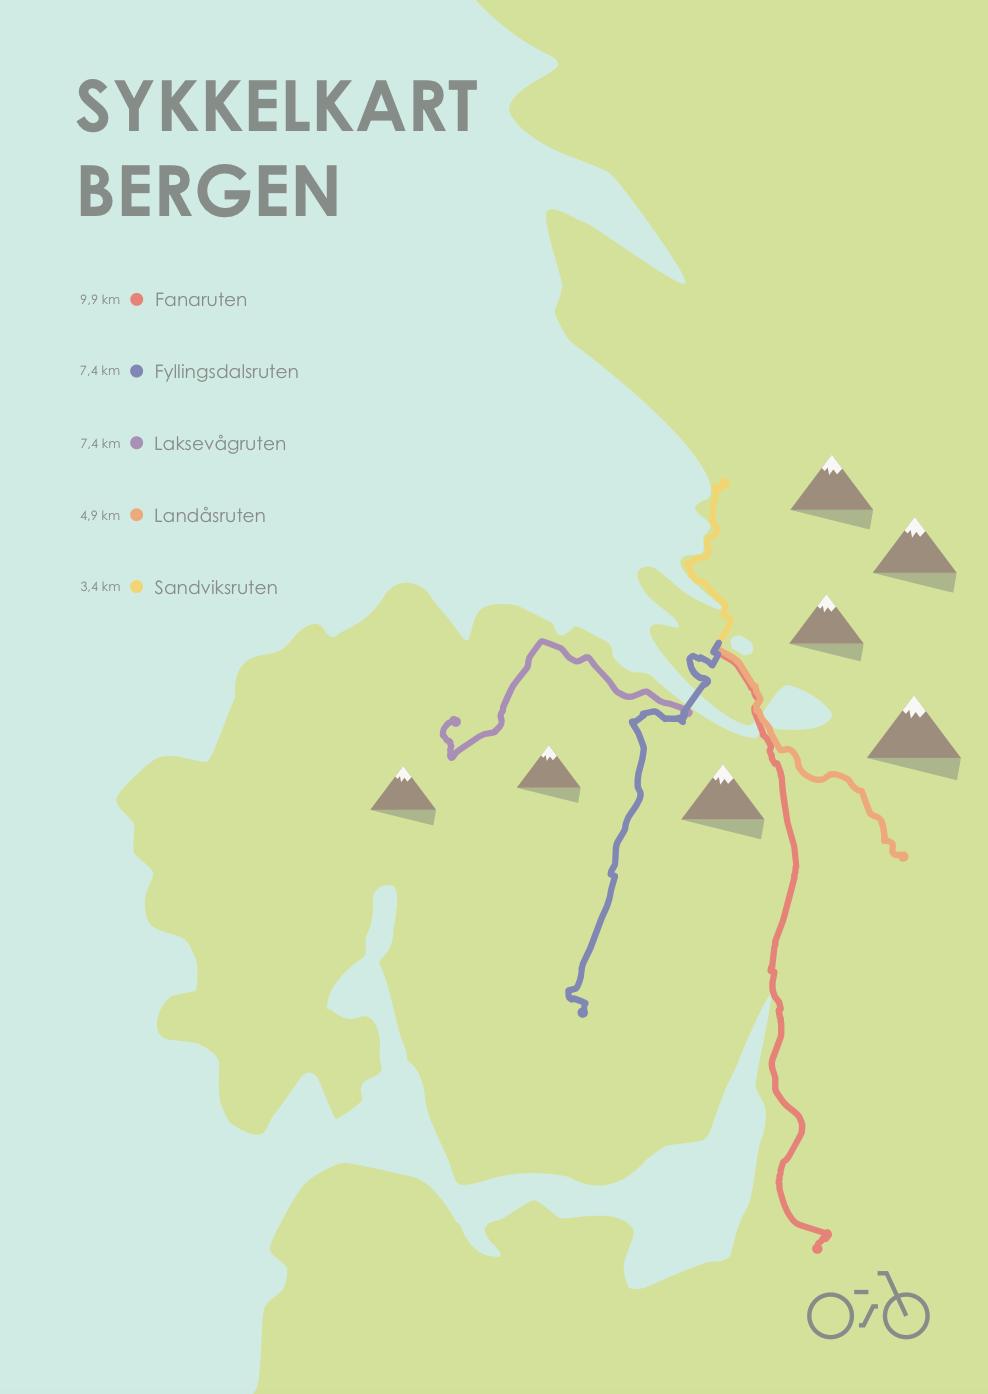 Skjermbilde 2016-05-11 kl. 18.37.51